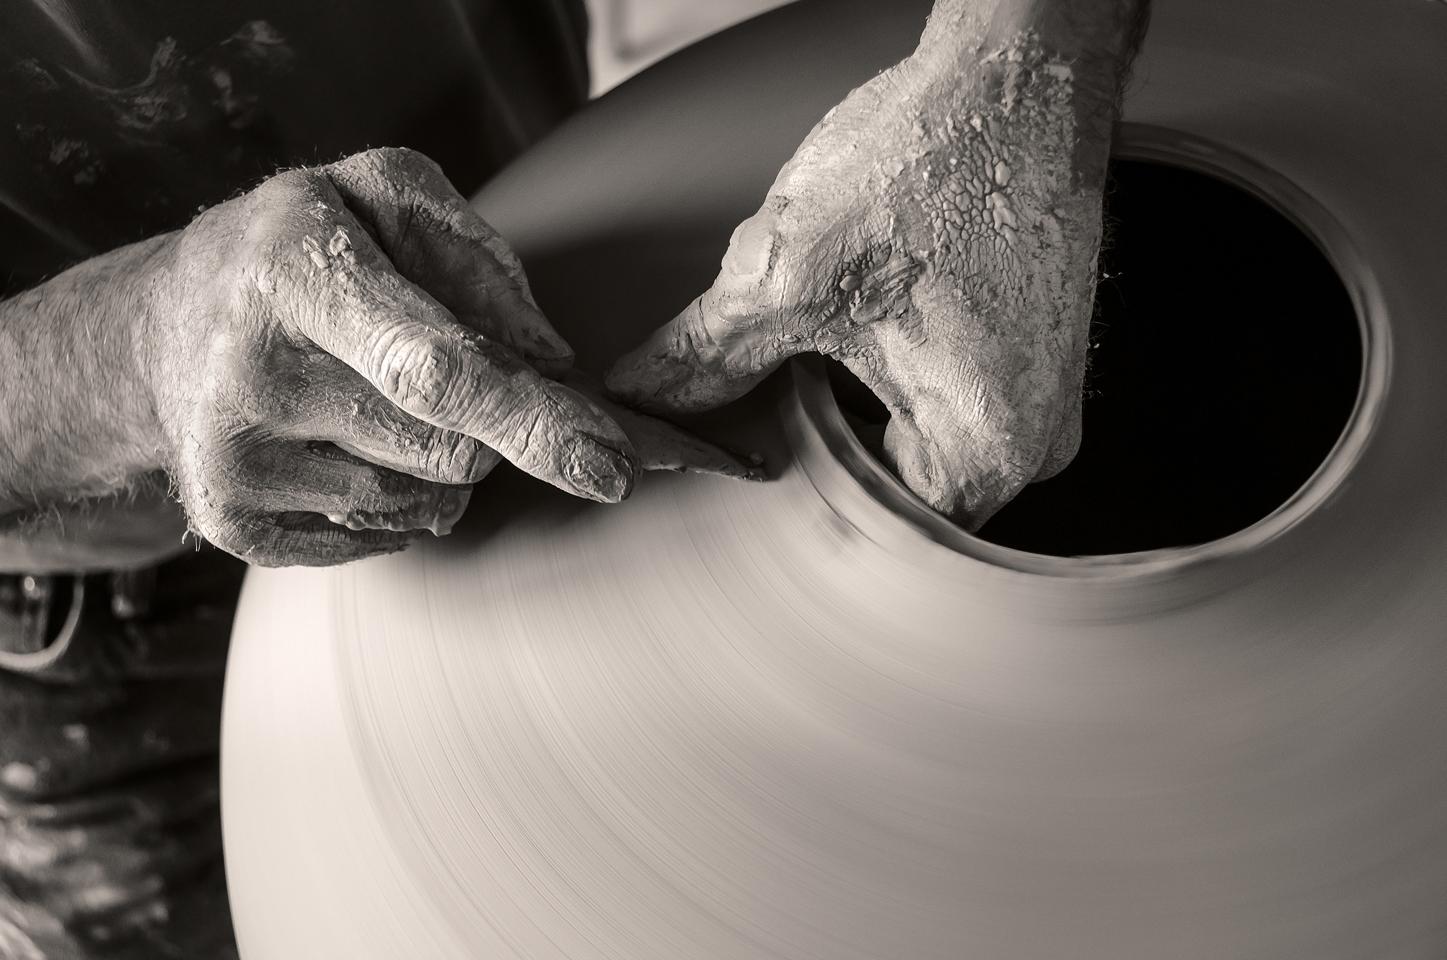 david-ernster-ceramics-in-studio.jpg